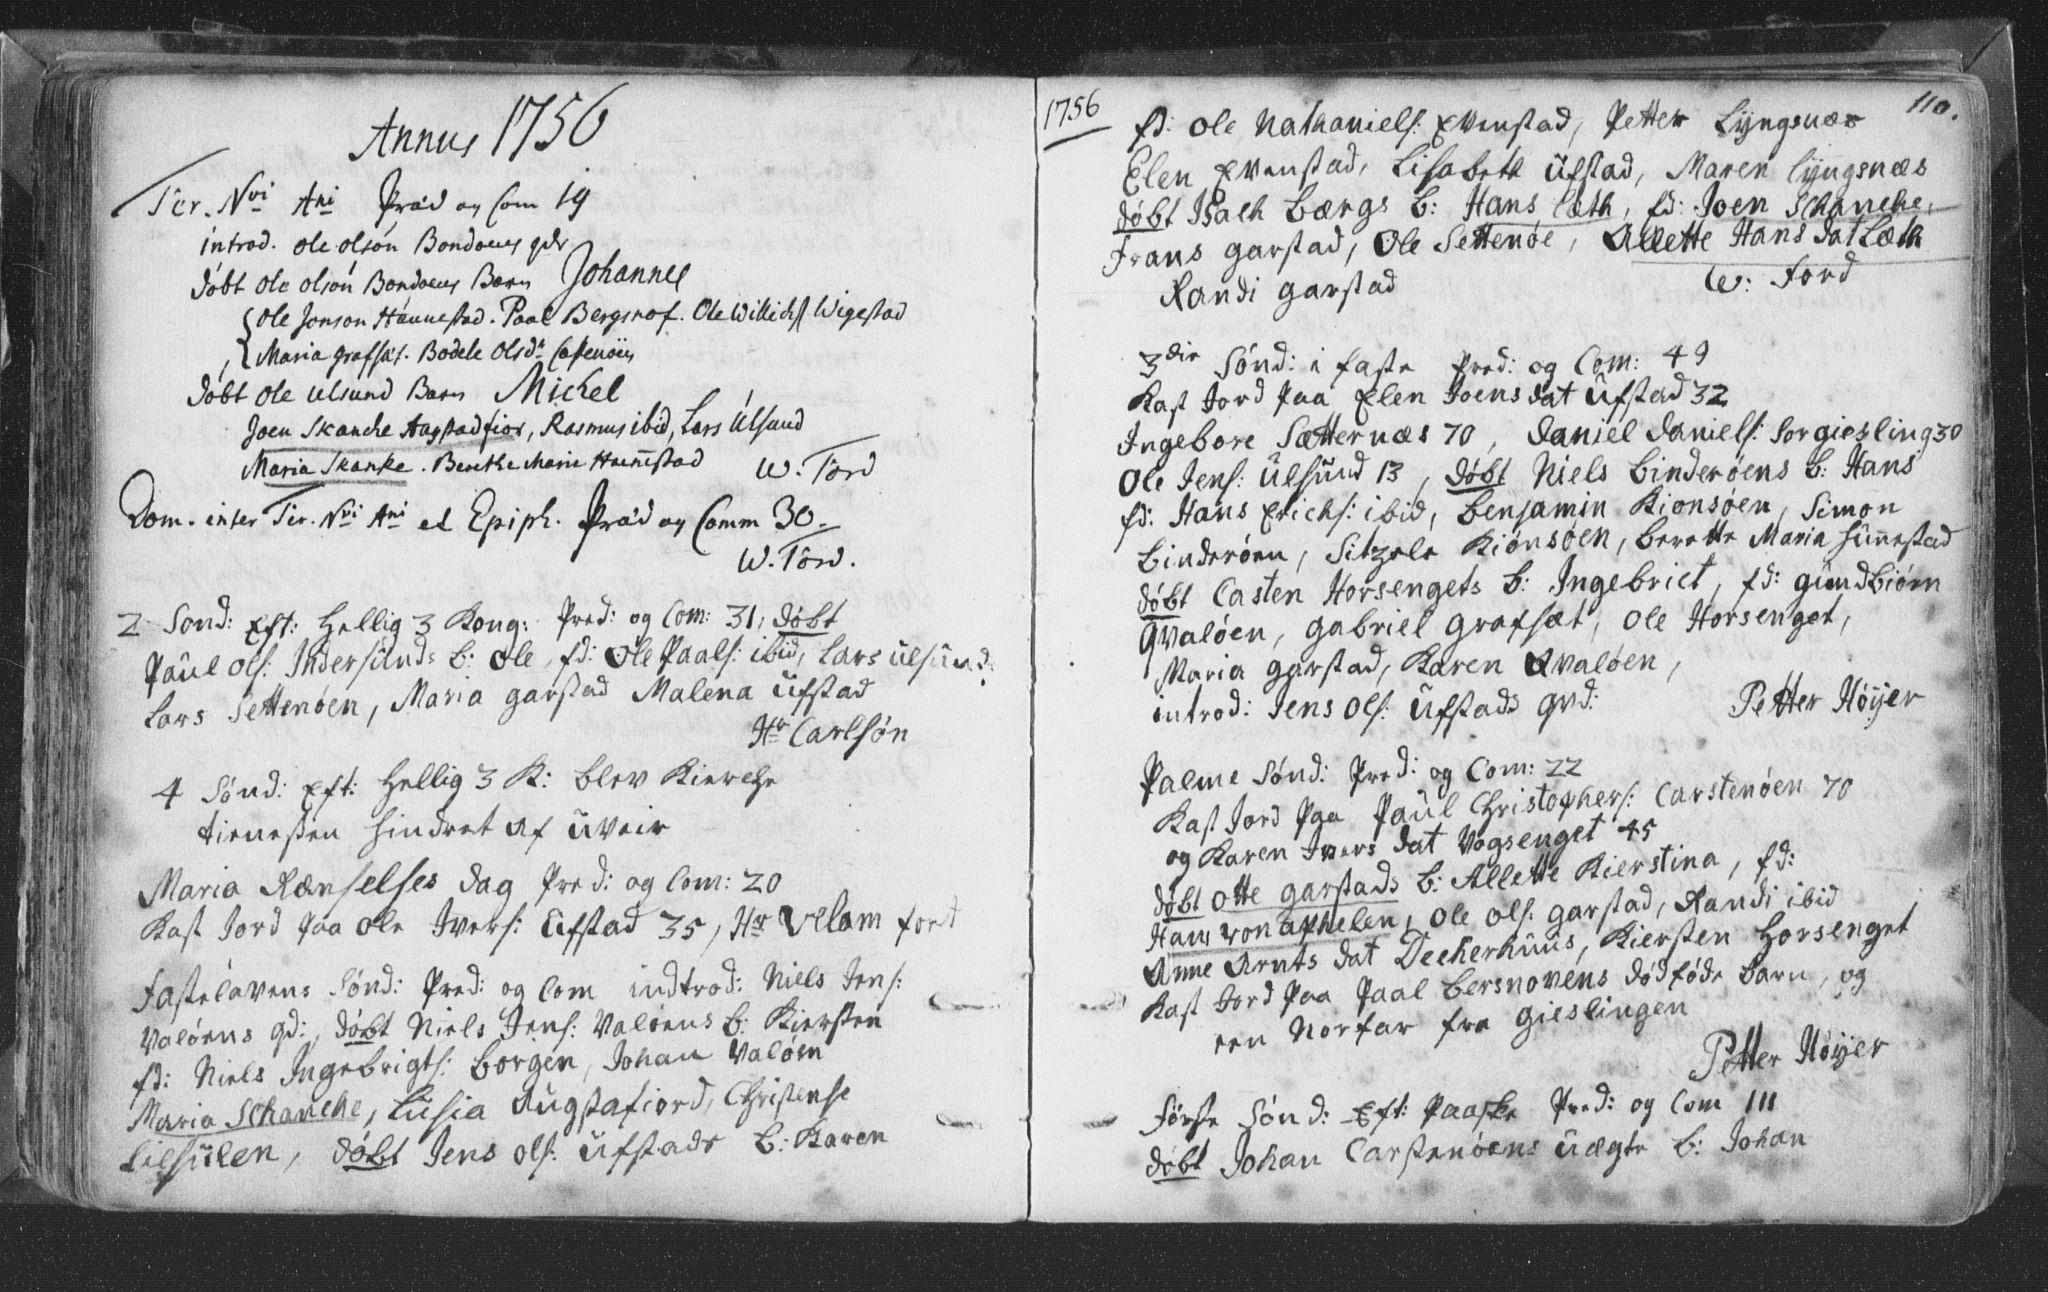 SAT, Ministerialprotokoller, klokkerbøker og fødselsregistre - Nord-Trøndelag, 786/L0685: Ministerialbok nr. 786A01, 1710-1798, s. 110